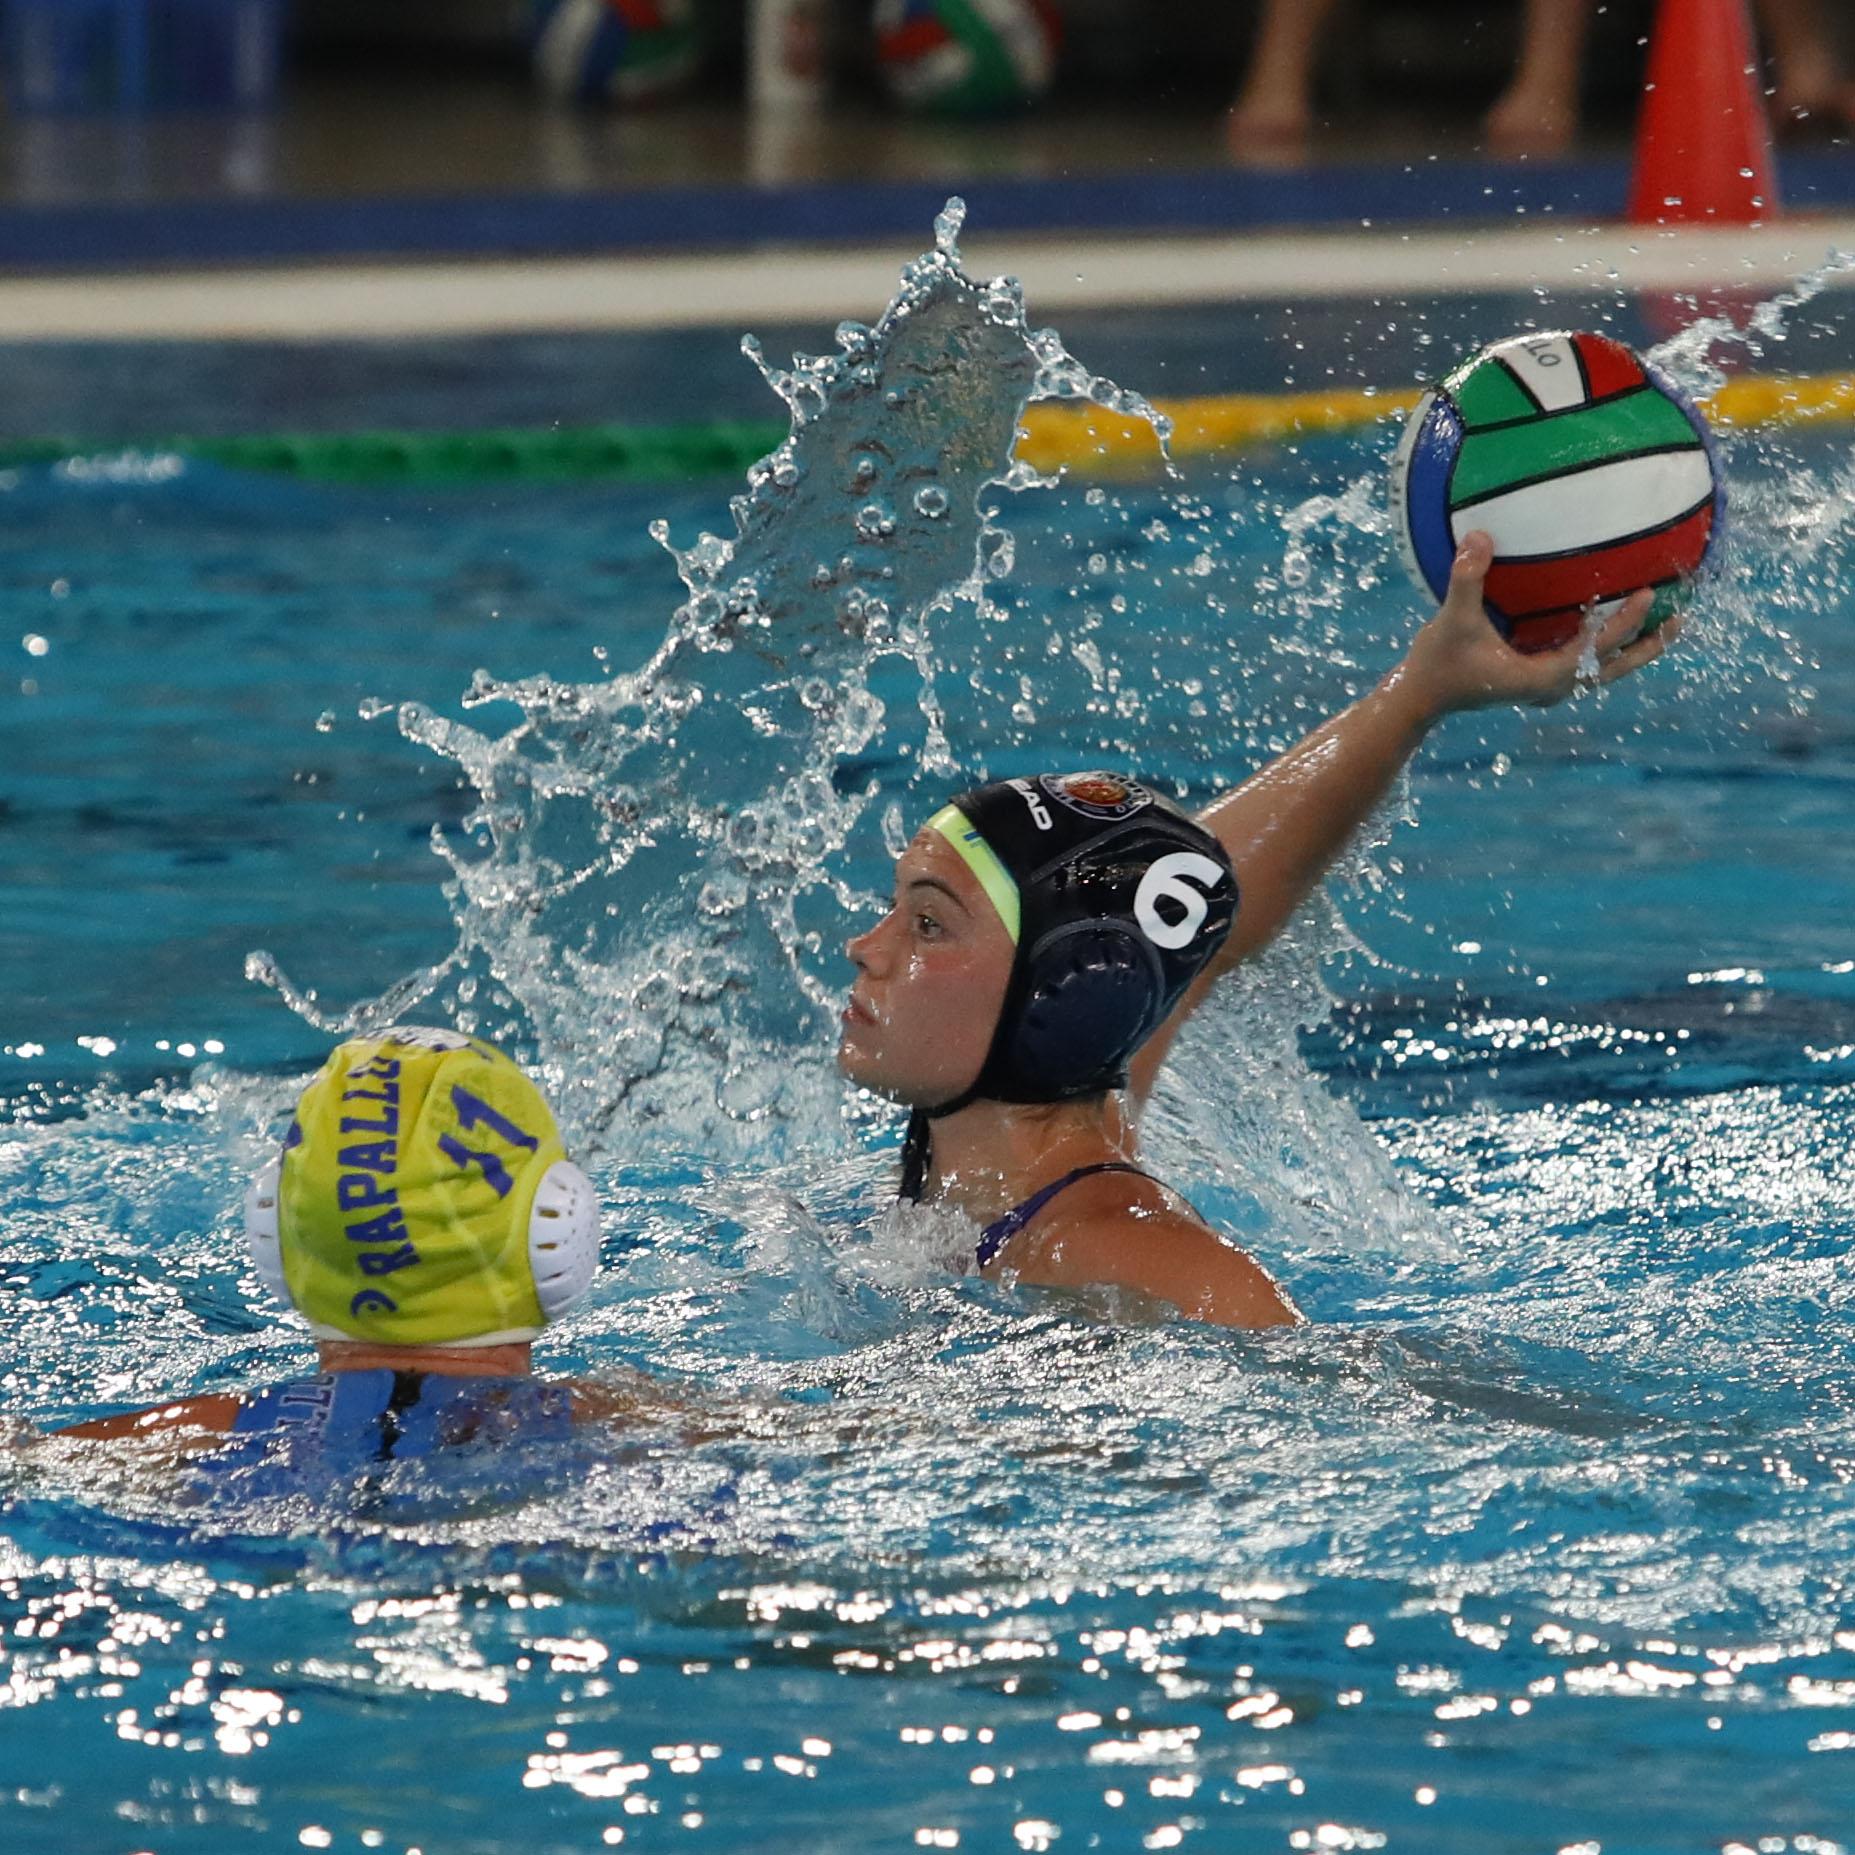 Rimonta memorabile sul Rapallo. La Pallanuoto Trieste è in finale scudetto! Si gioca giovedì 5 luglio alle ore 12.00